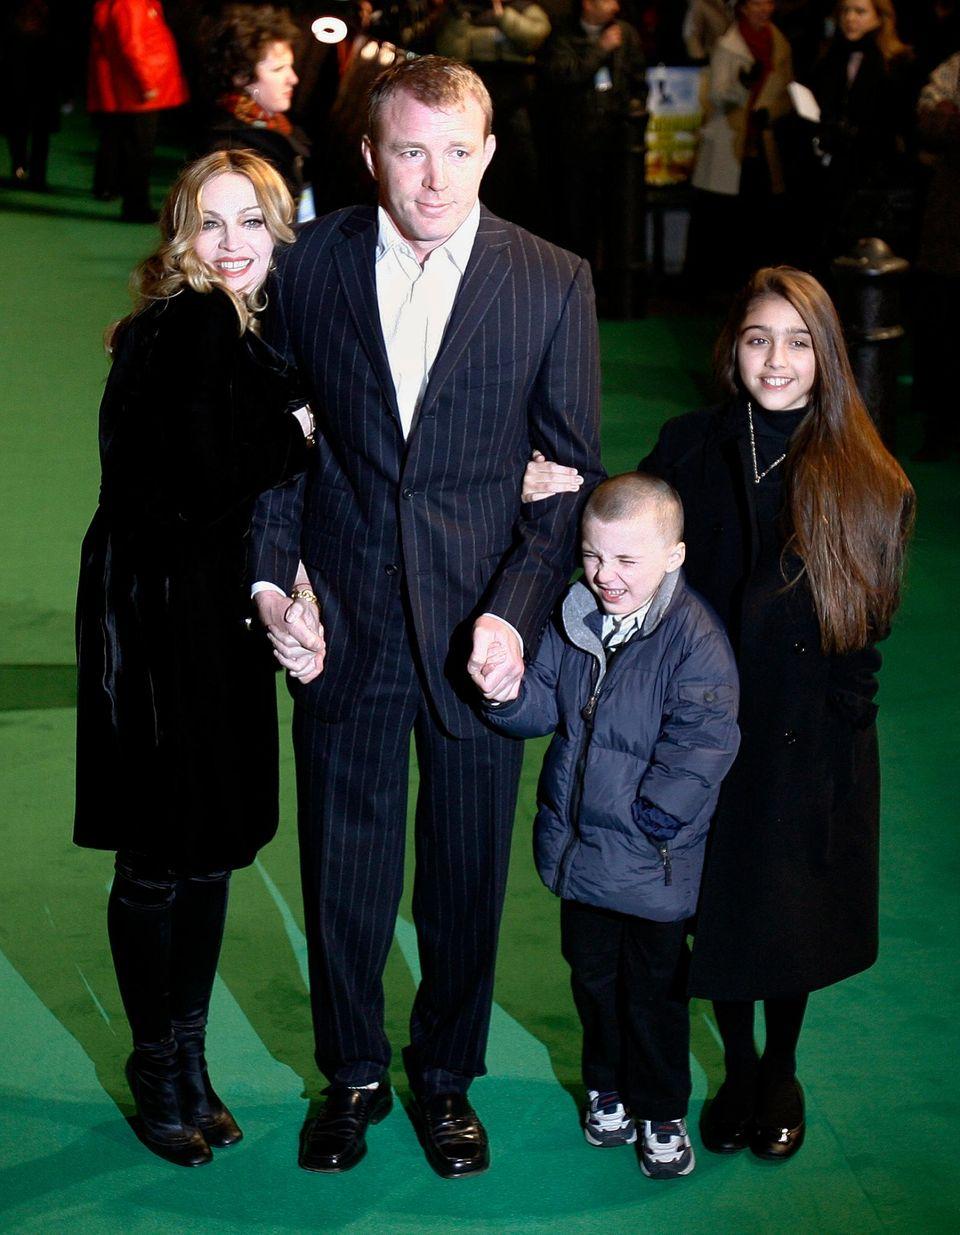 Oktober 2008, ein Bild aus besseren Tagen: Madonna mit ihrem damaligen Mann Guy Ritchie, dem gemeinsamen Sohn Rocco und Lourdes (Tochter von Madonna aus der Beziehung mit Carlos Leon).